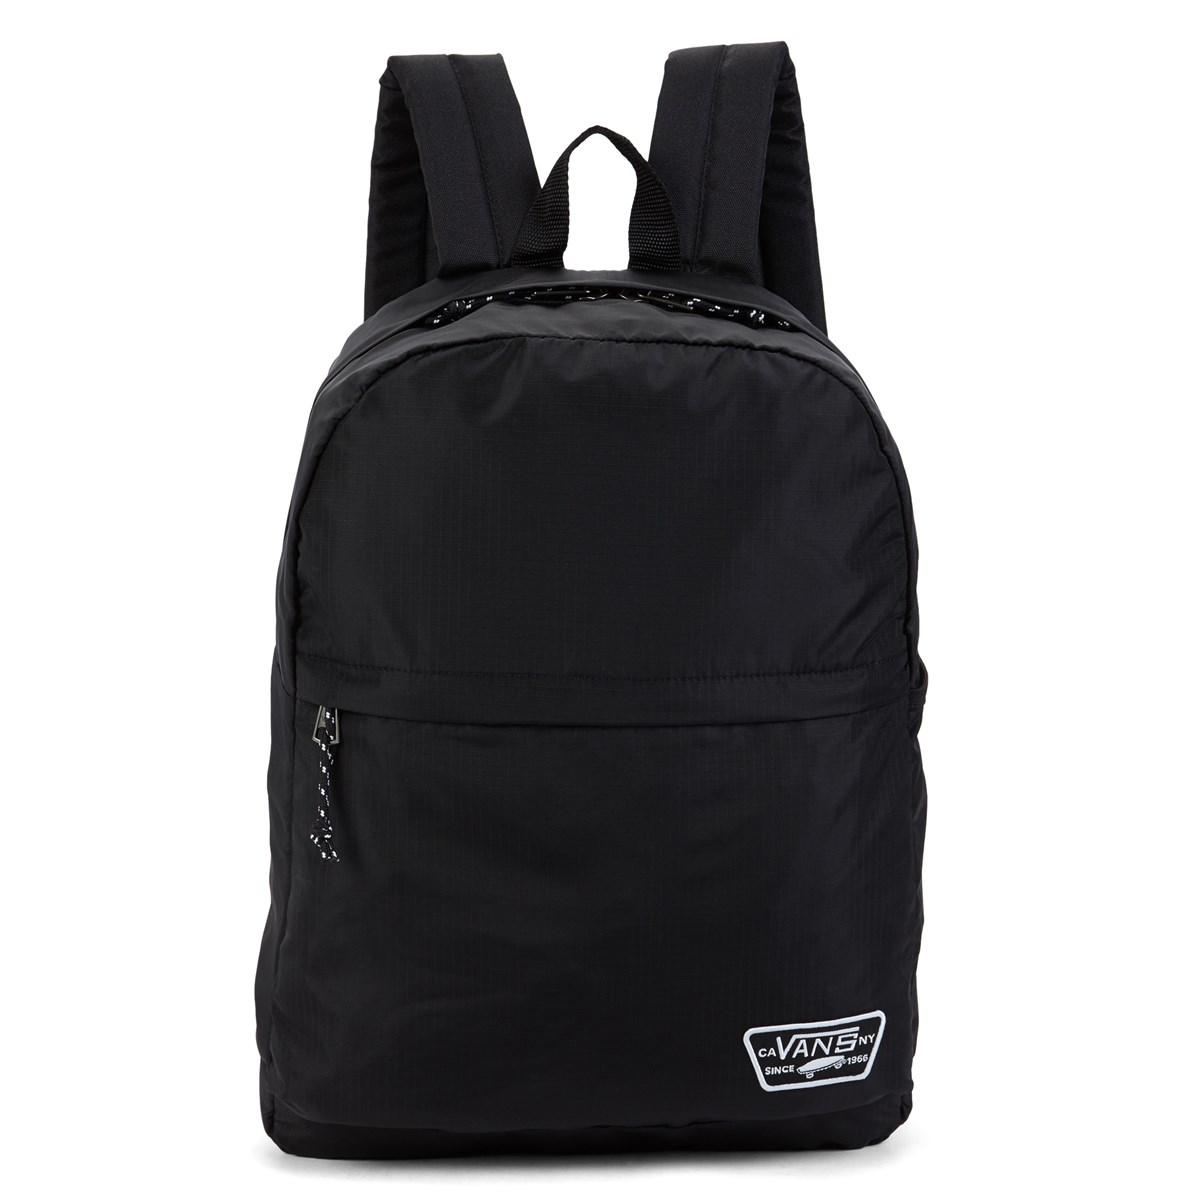 29b6c8cabd69b8 Pep Squad Black Backpack. Previous. default view  ALT1  ALT2